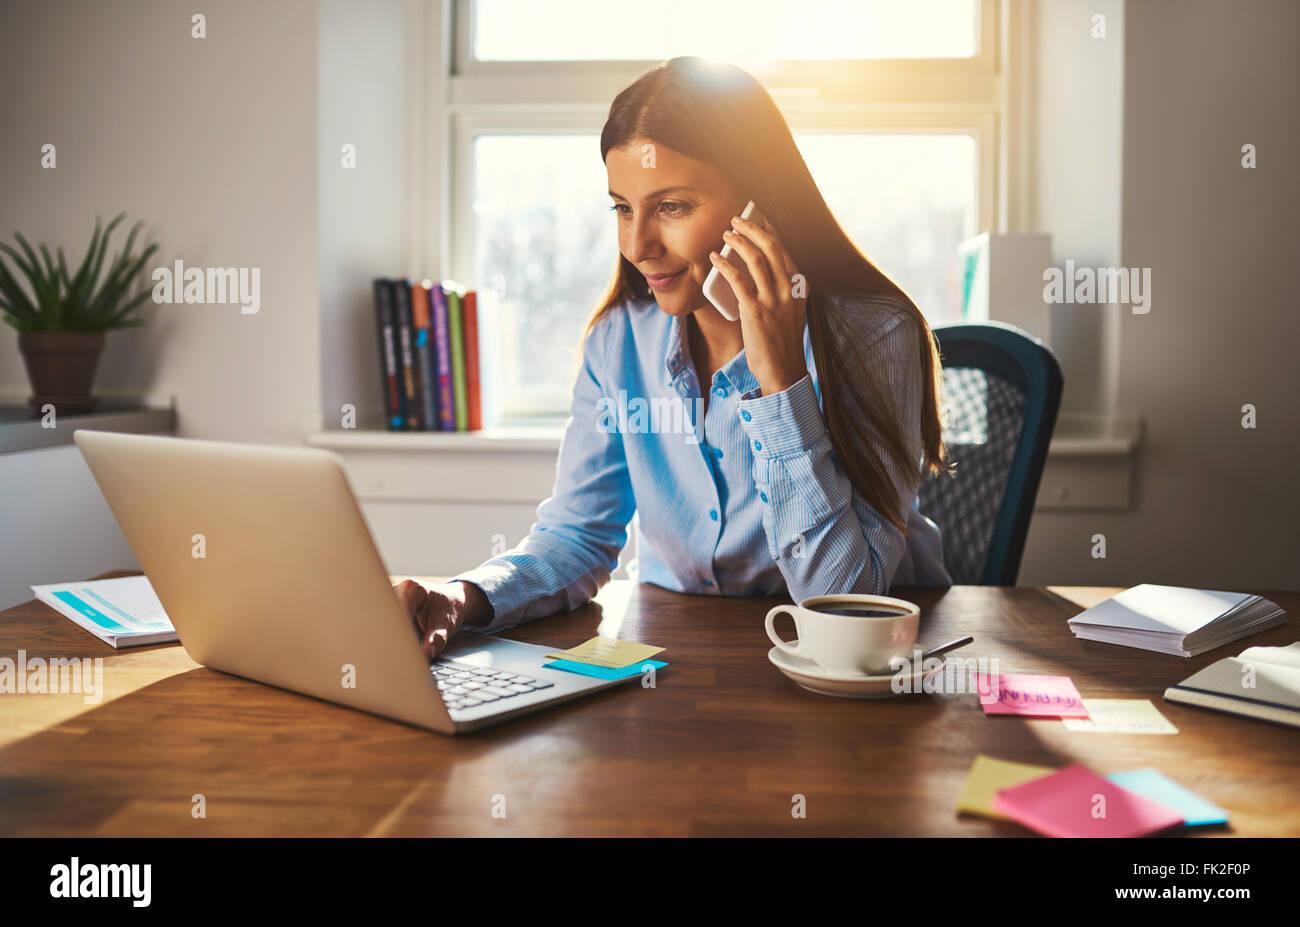 Donna al lavoro su computer portatile in ufficio mentre si parla al telefono, retroilluminato luce calda Immagini Stock